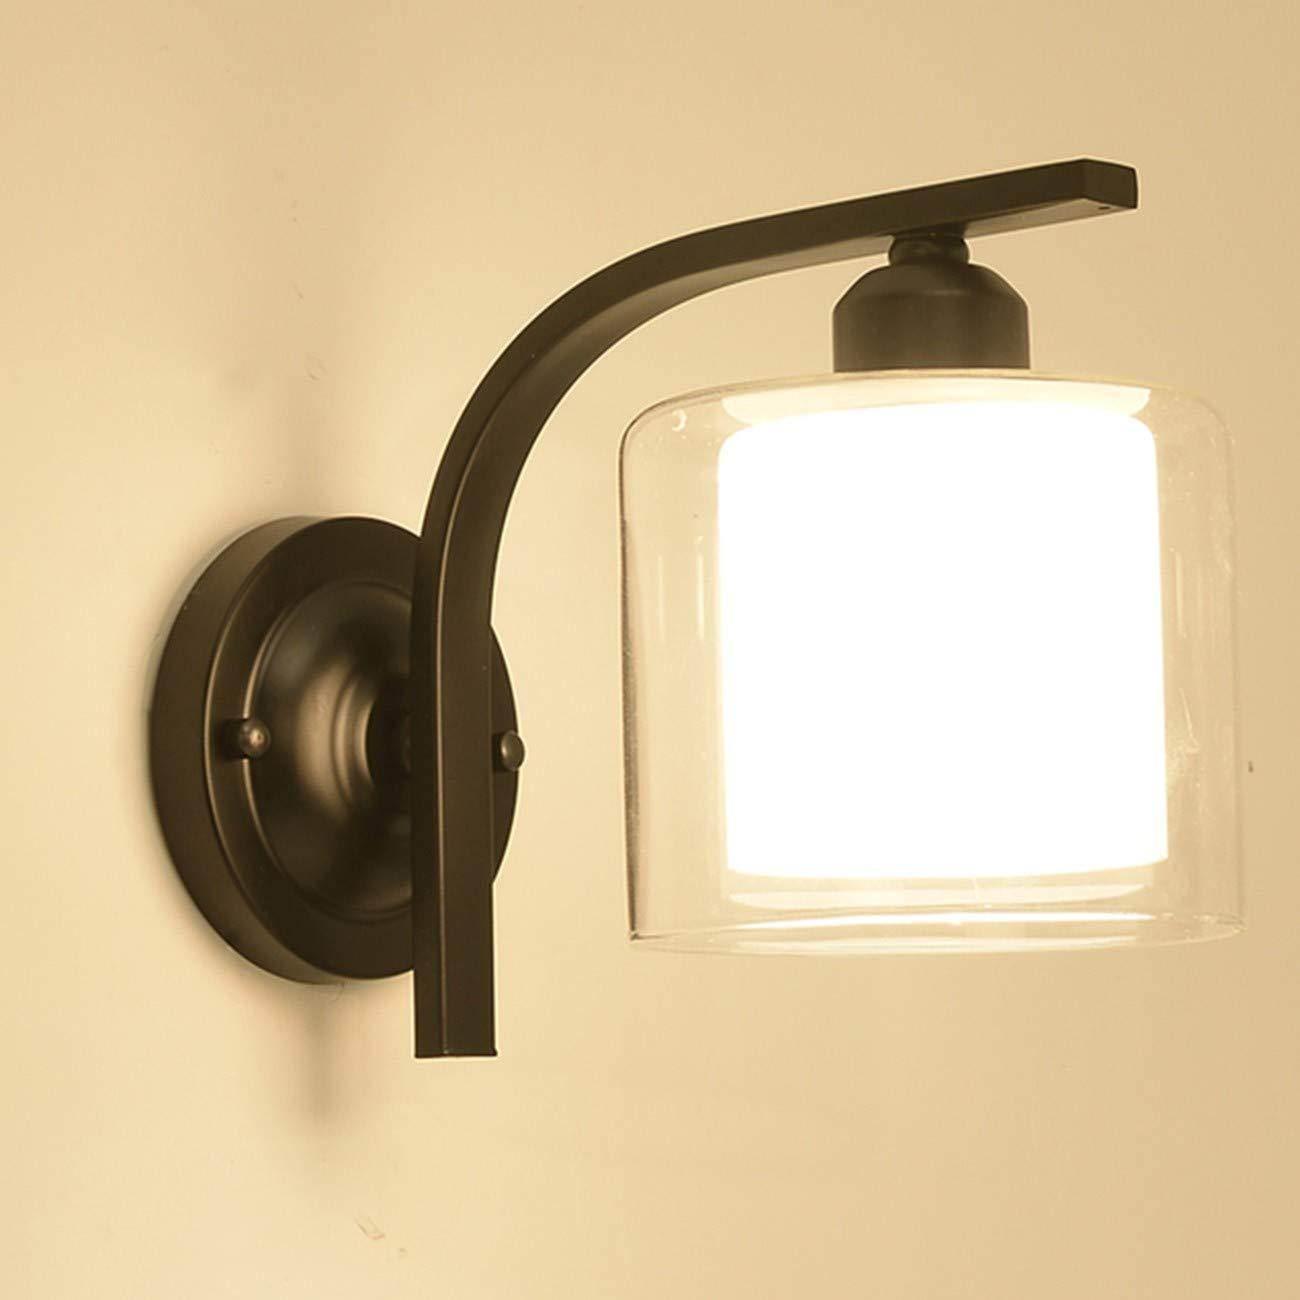 Wandlampe Schlafzimmer Nachttischlampe Innensteg, F.